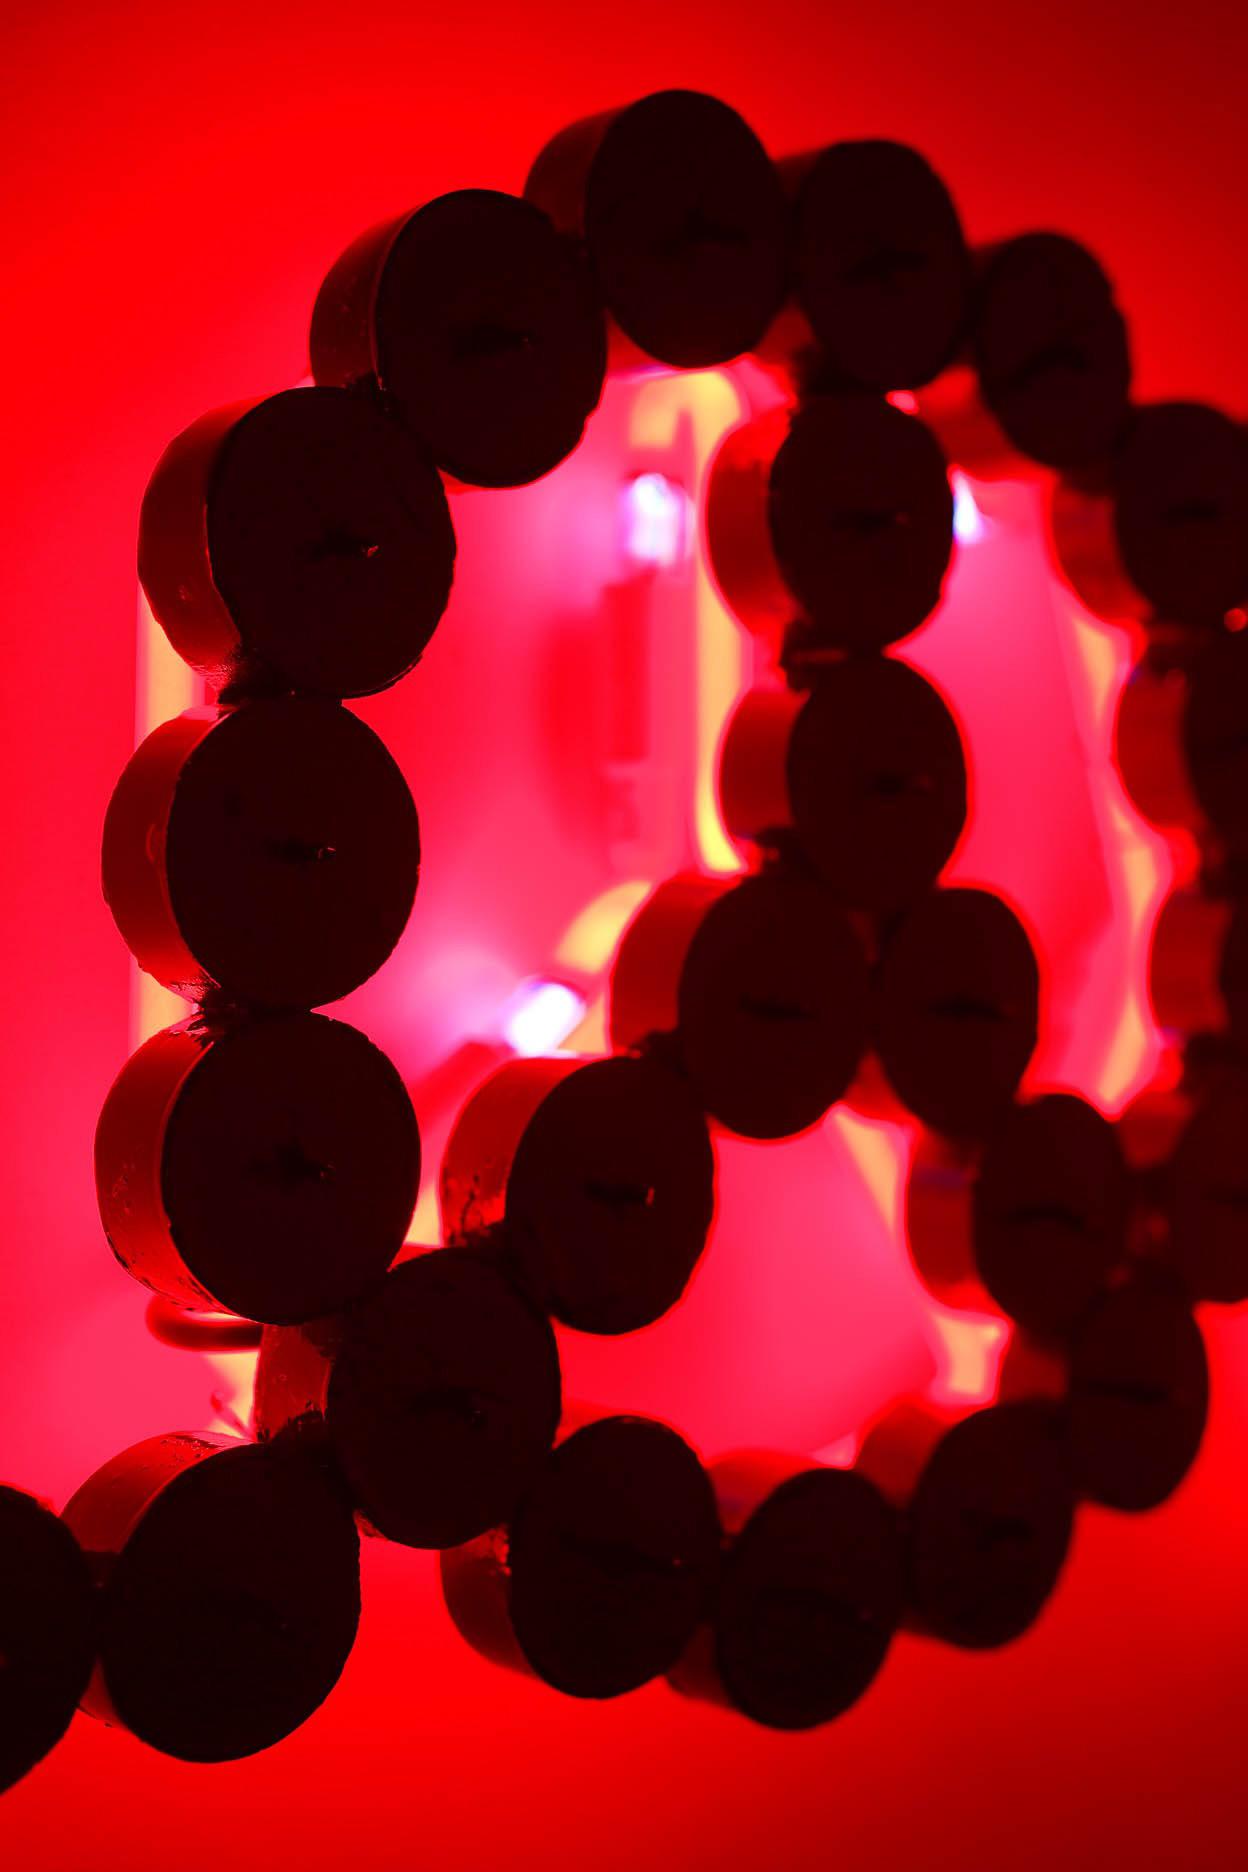 Michele Chiossi LOVE LEGEND, 2008  resine polimeriche, acciaio, car paint, neon rosso red amore leggenda leggendario scultura simbolo pace pacifismo luce lumini